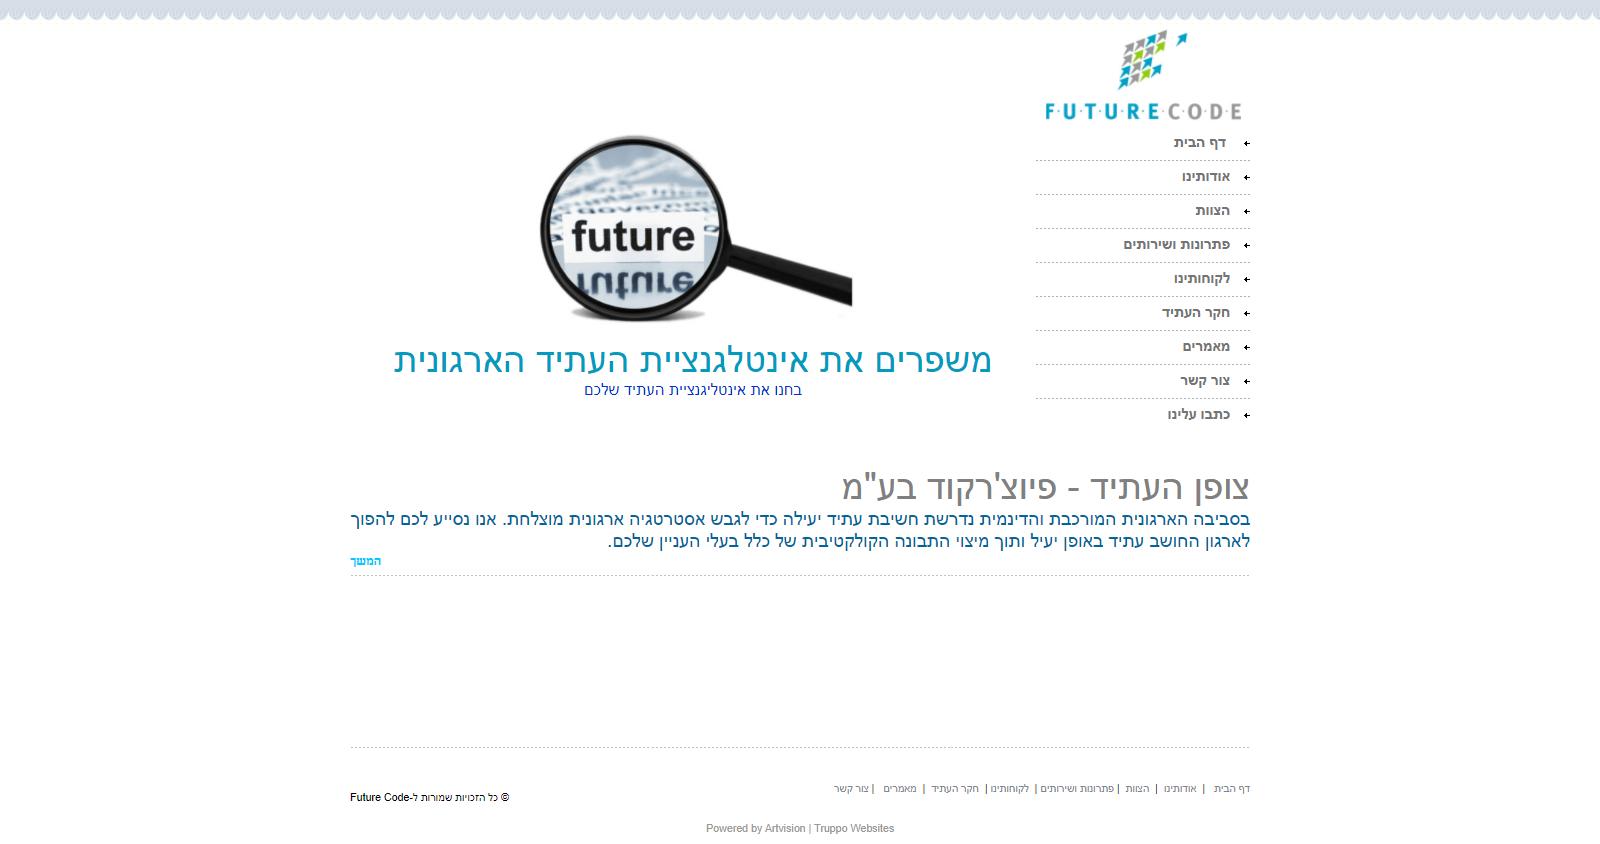 פרופ' דוד פסיג - משפרים את אינטלגנציית העתיד הארגונית